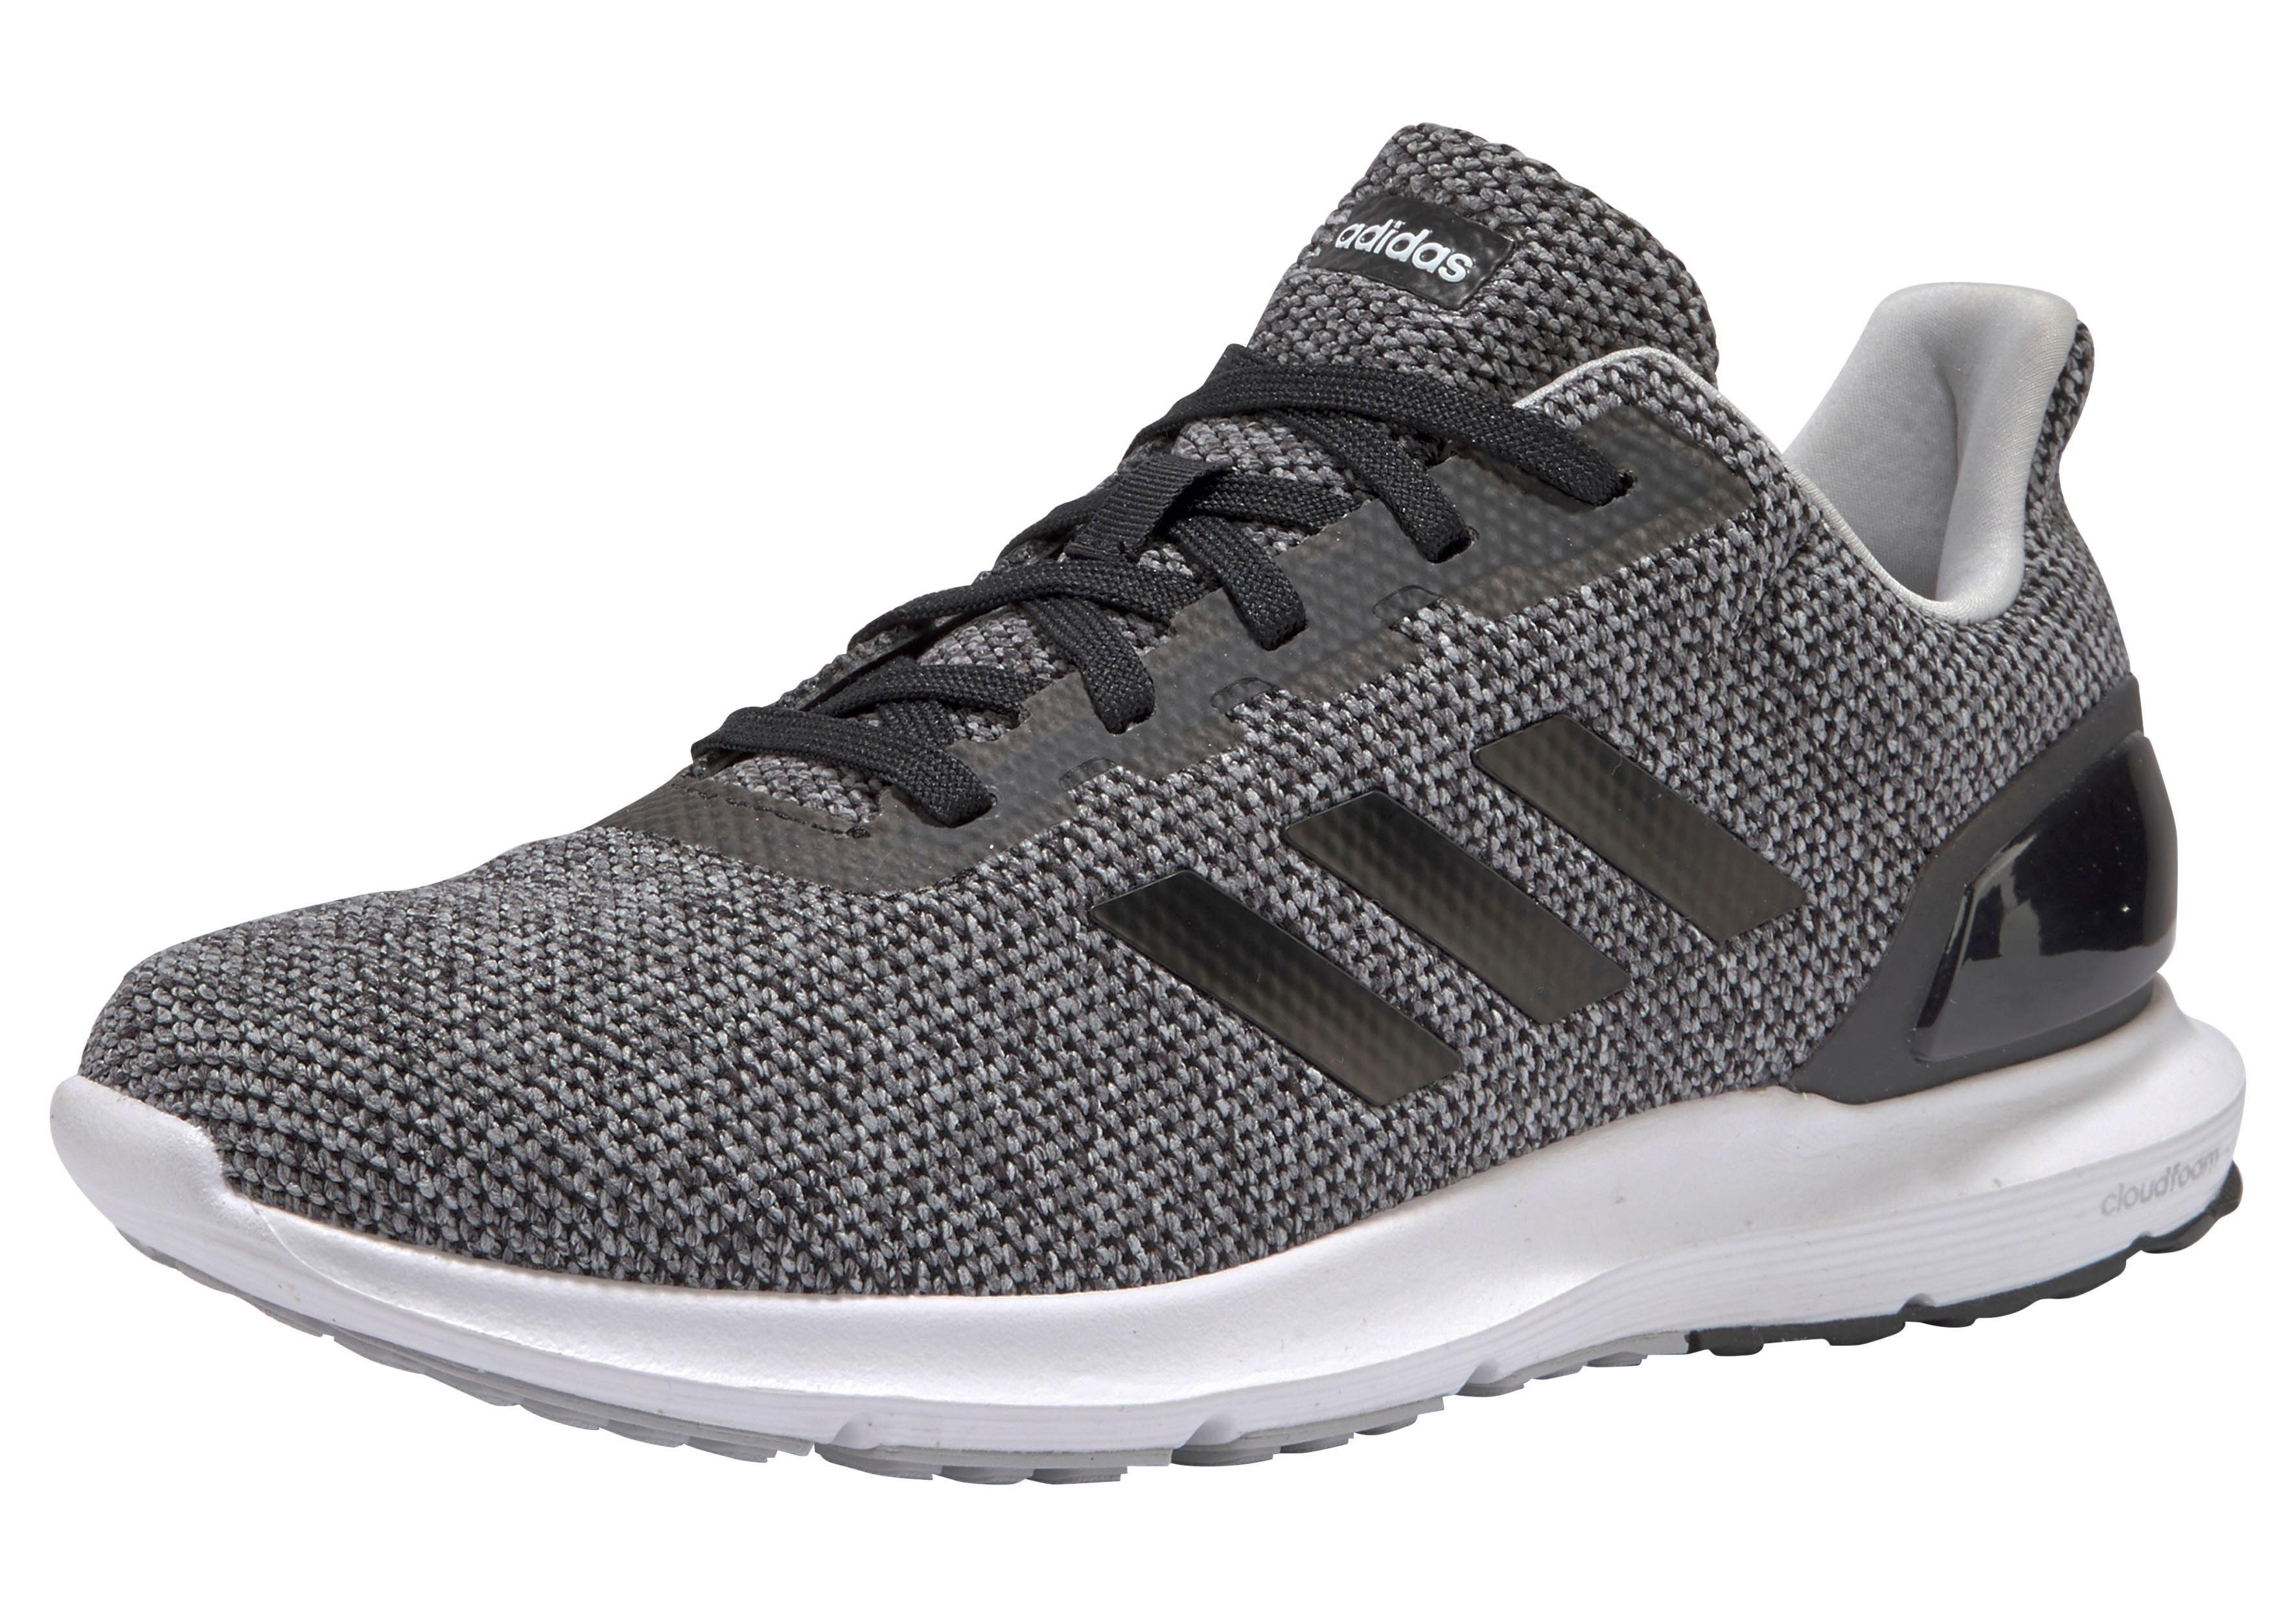 adidas »COSMIC 2« Laufschuh, Obermaterial-Mix aus Synthetik und Leder online kaufen | OTTO